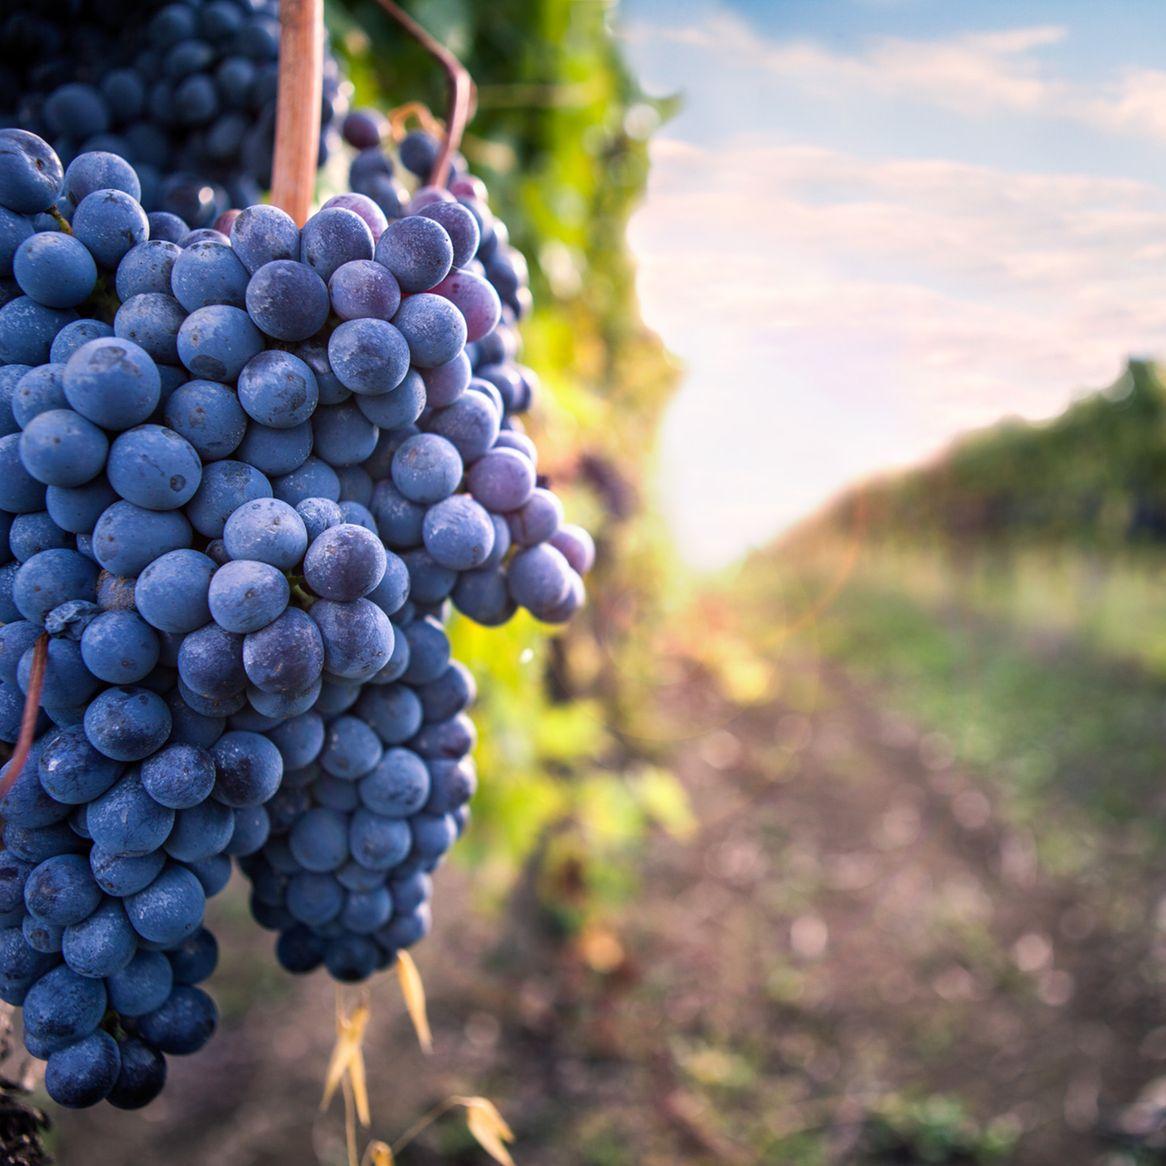 Corso i vini rossi di piemonte veneto e toscana a brescia - Corsi cucina brescia ...